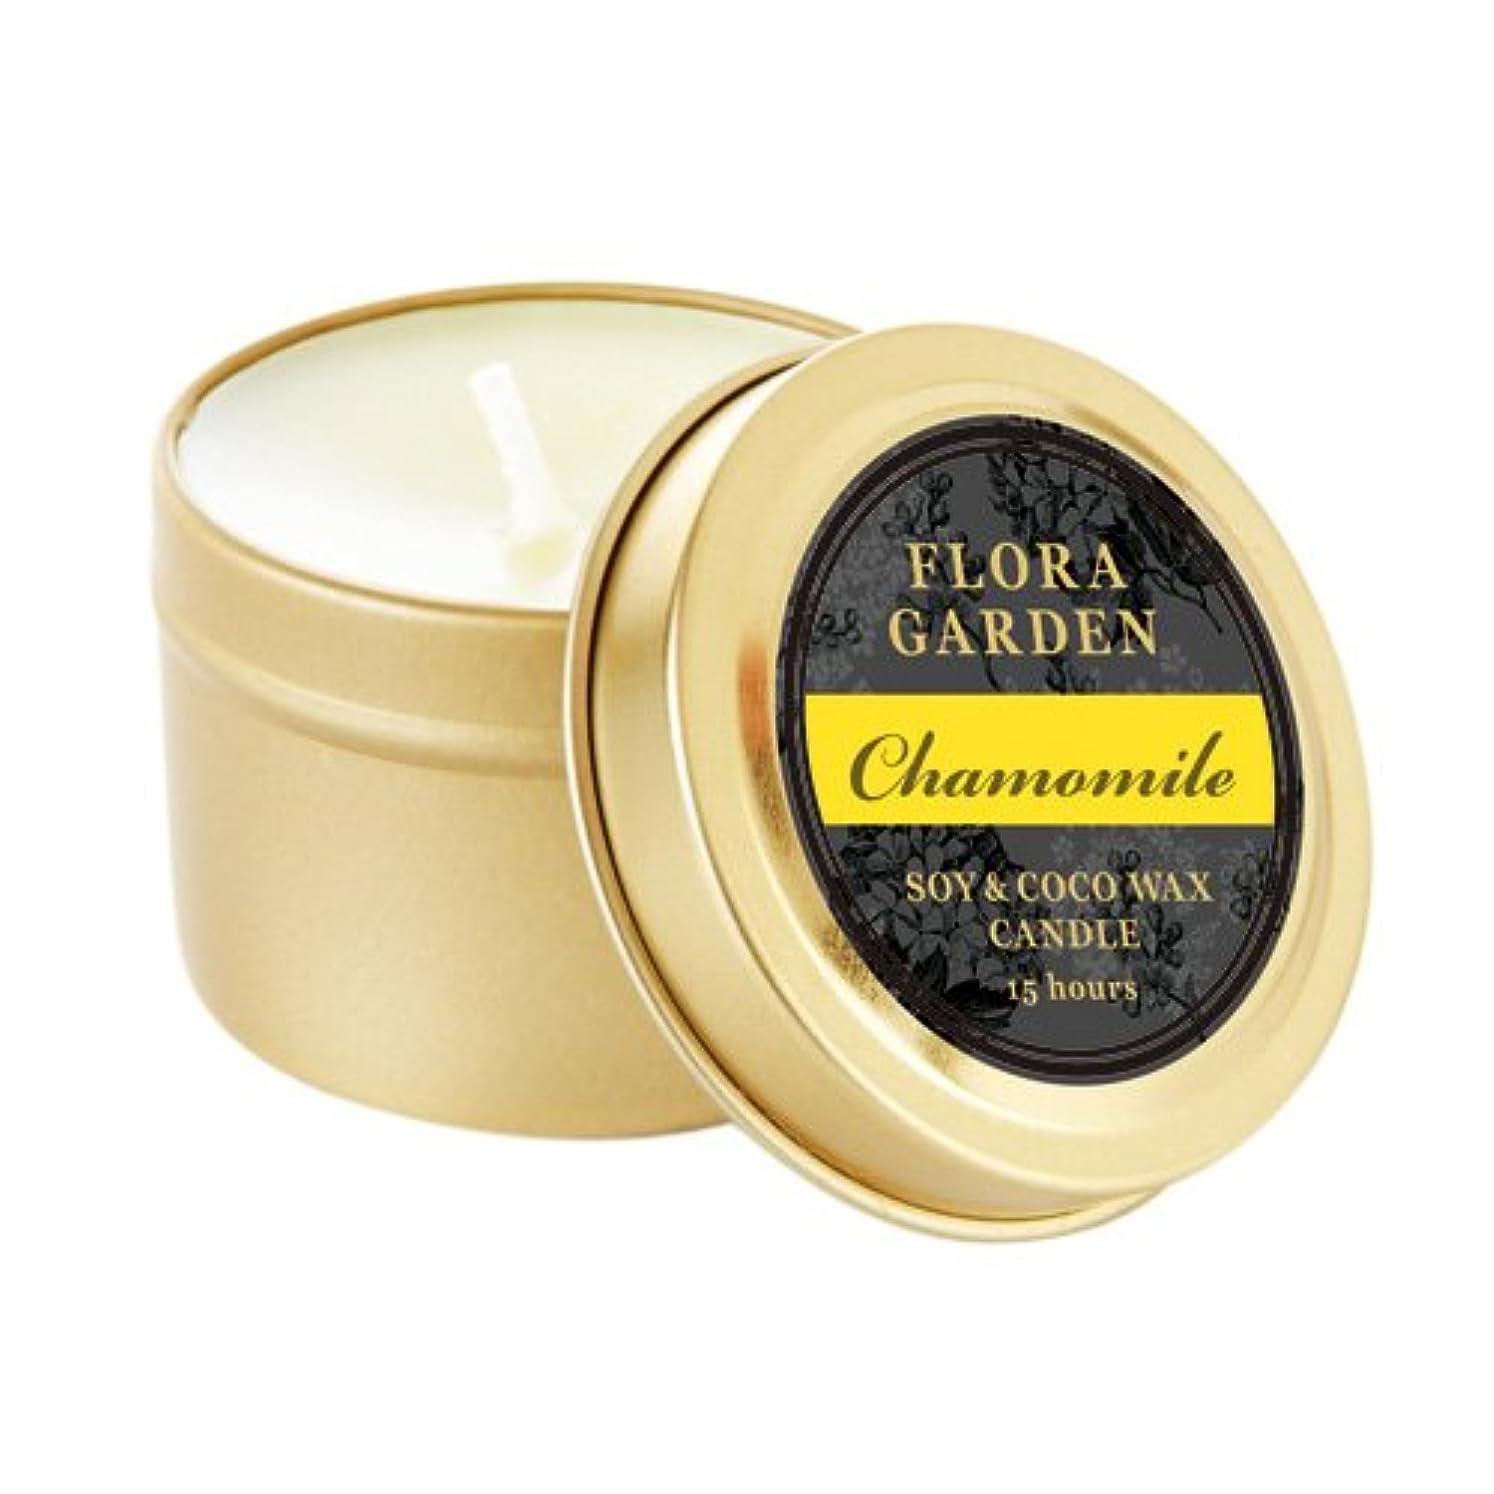 同情ファイターかわいらしいFLORA GARDEN フローラガーデン トラベル缶キャンドル カモミール Chamomile Travel Can Candle